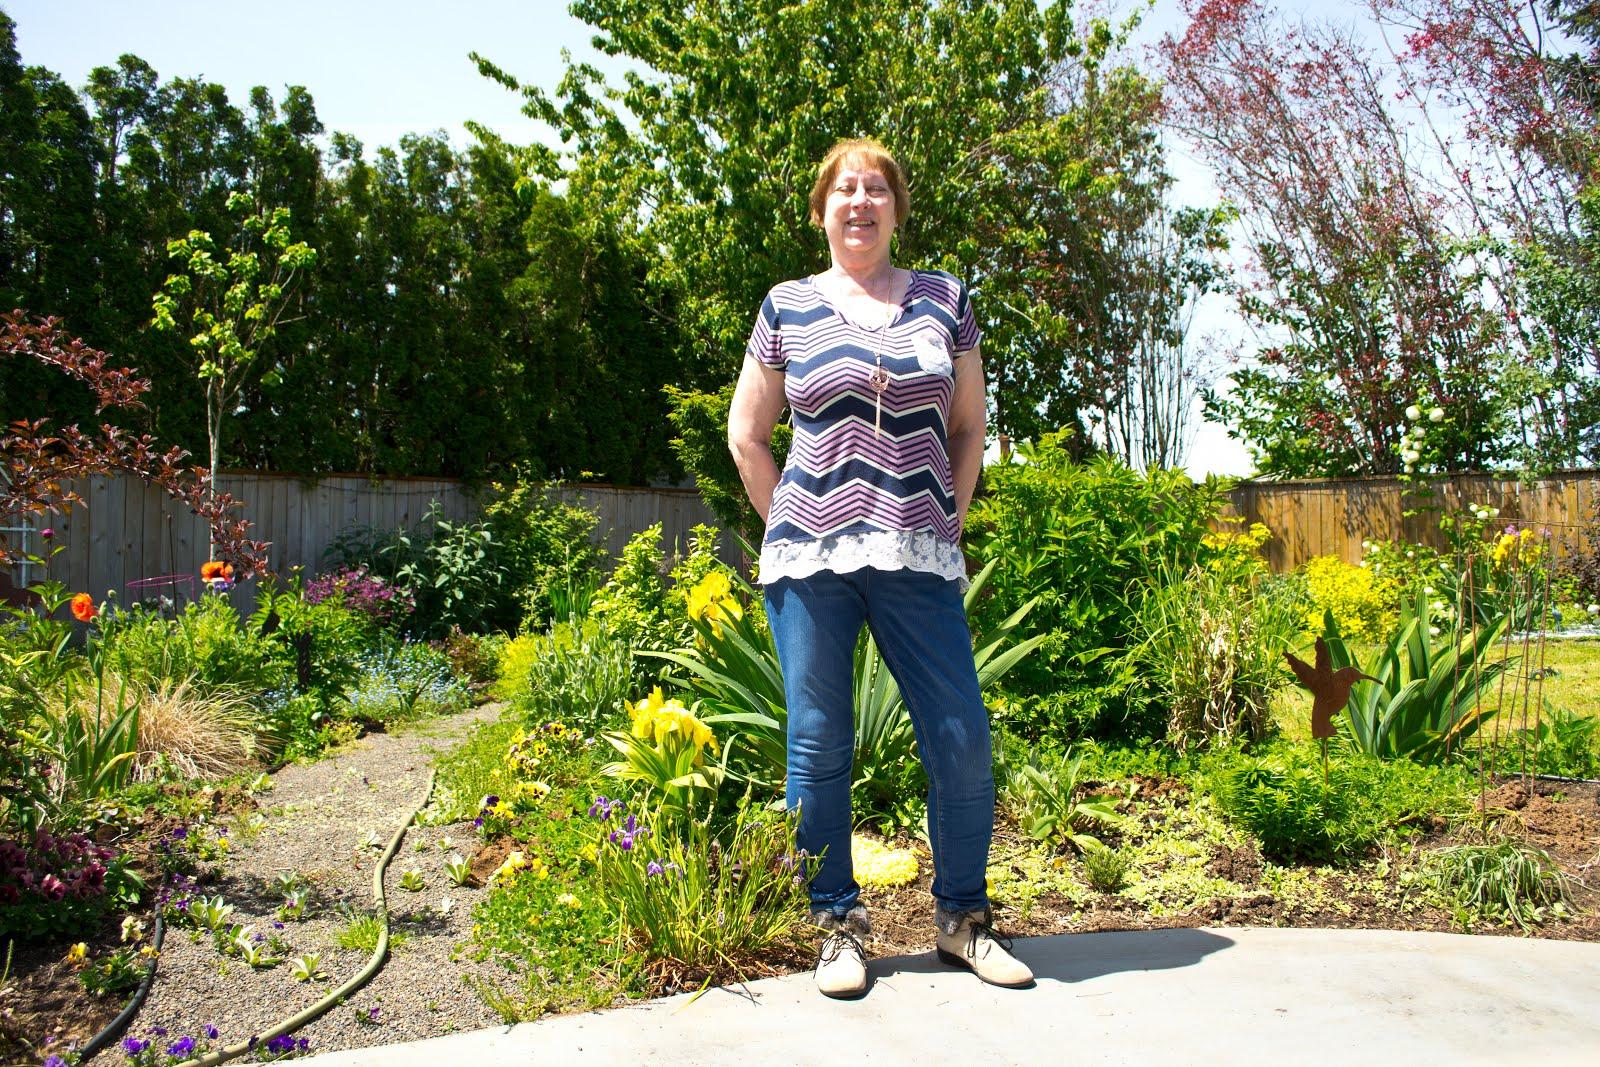 Rose in her garden